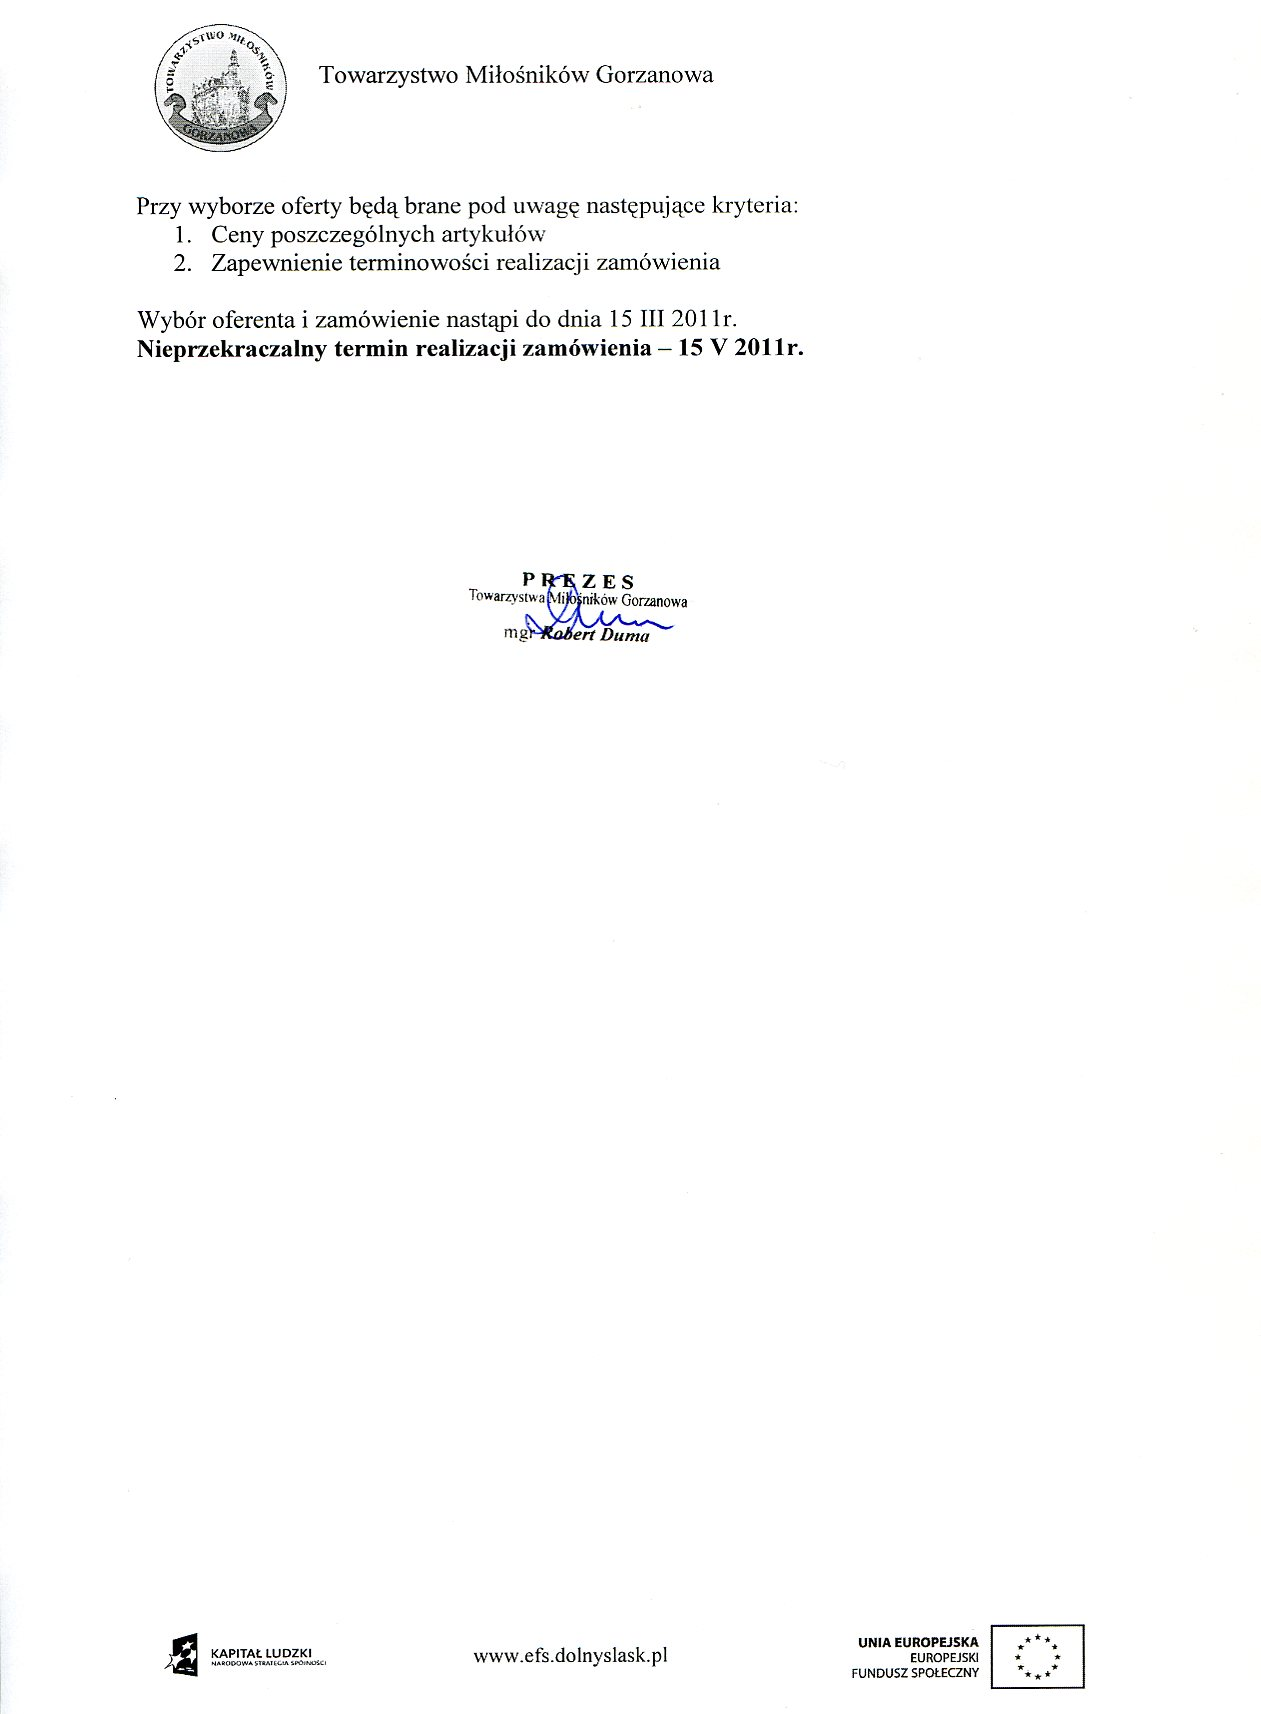 2011.03.07. zapytanie_ofertowe_artykuly_papiernicze_cg